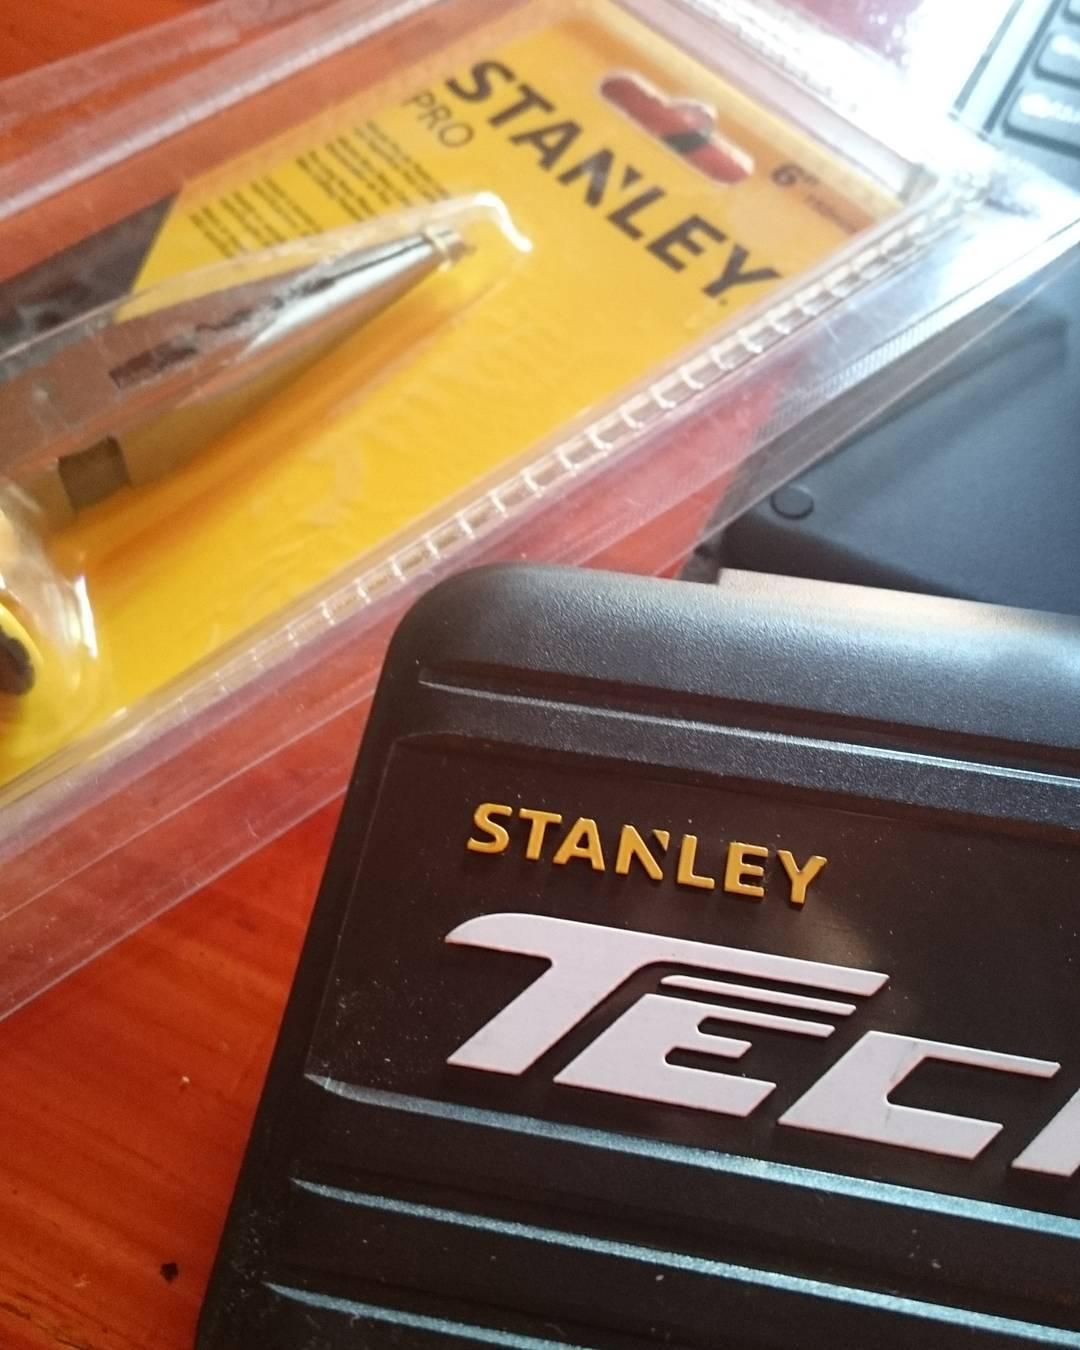 El mejor regalo lejos!!! Gracias bro, te adoro!  #SeAdelanto #TeAdoro #Stanley #Tools